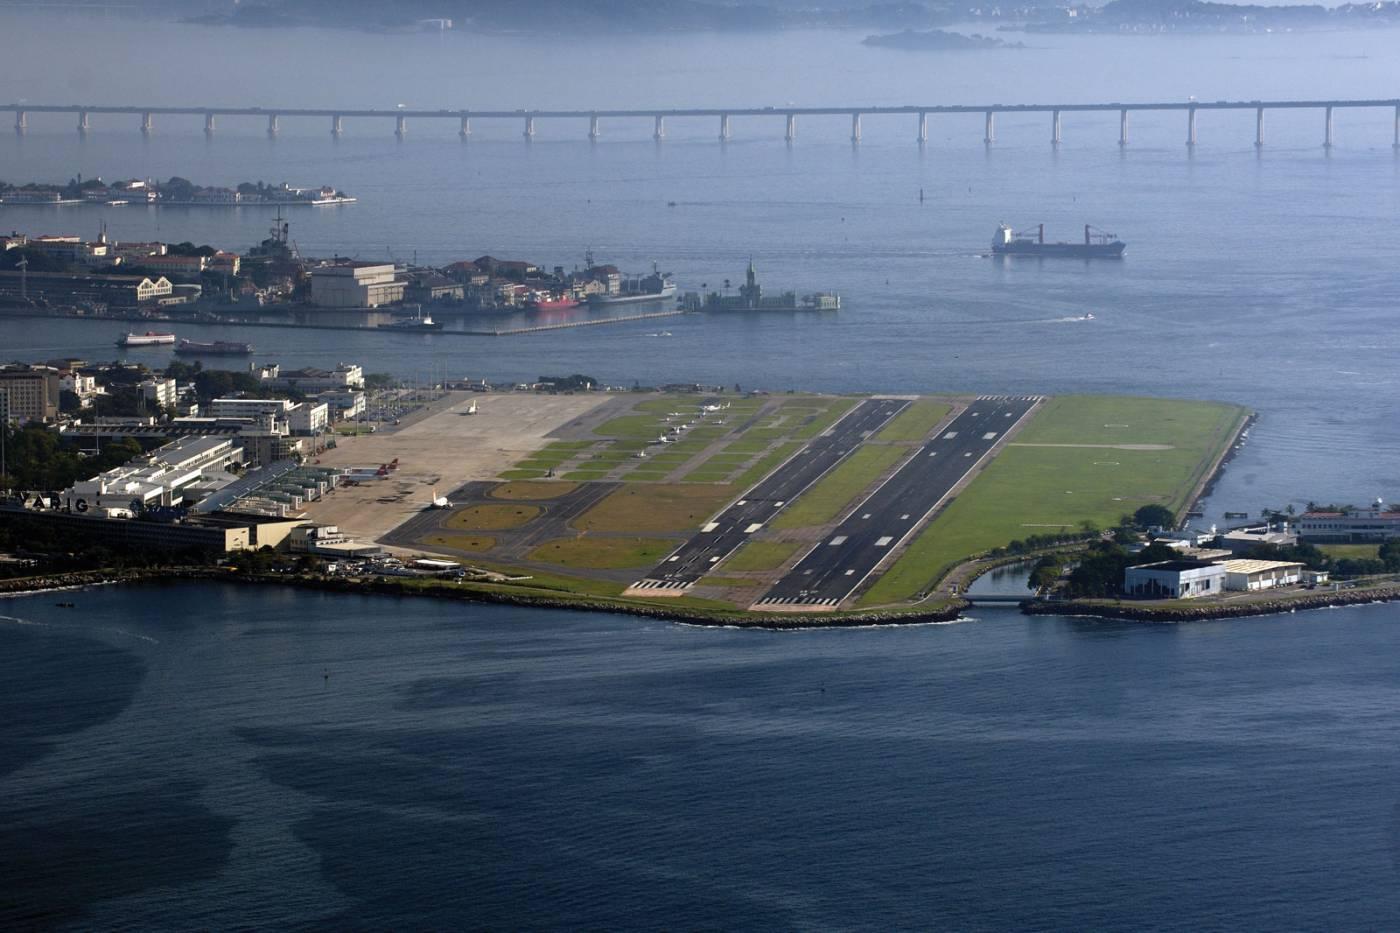 Resultado de imagen para decolagem Aeroporto Santos Dumont